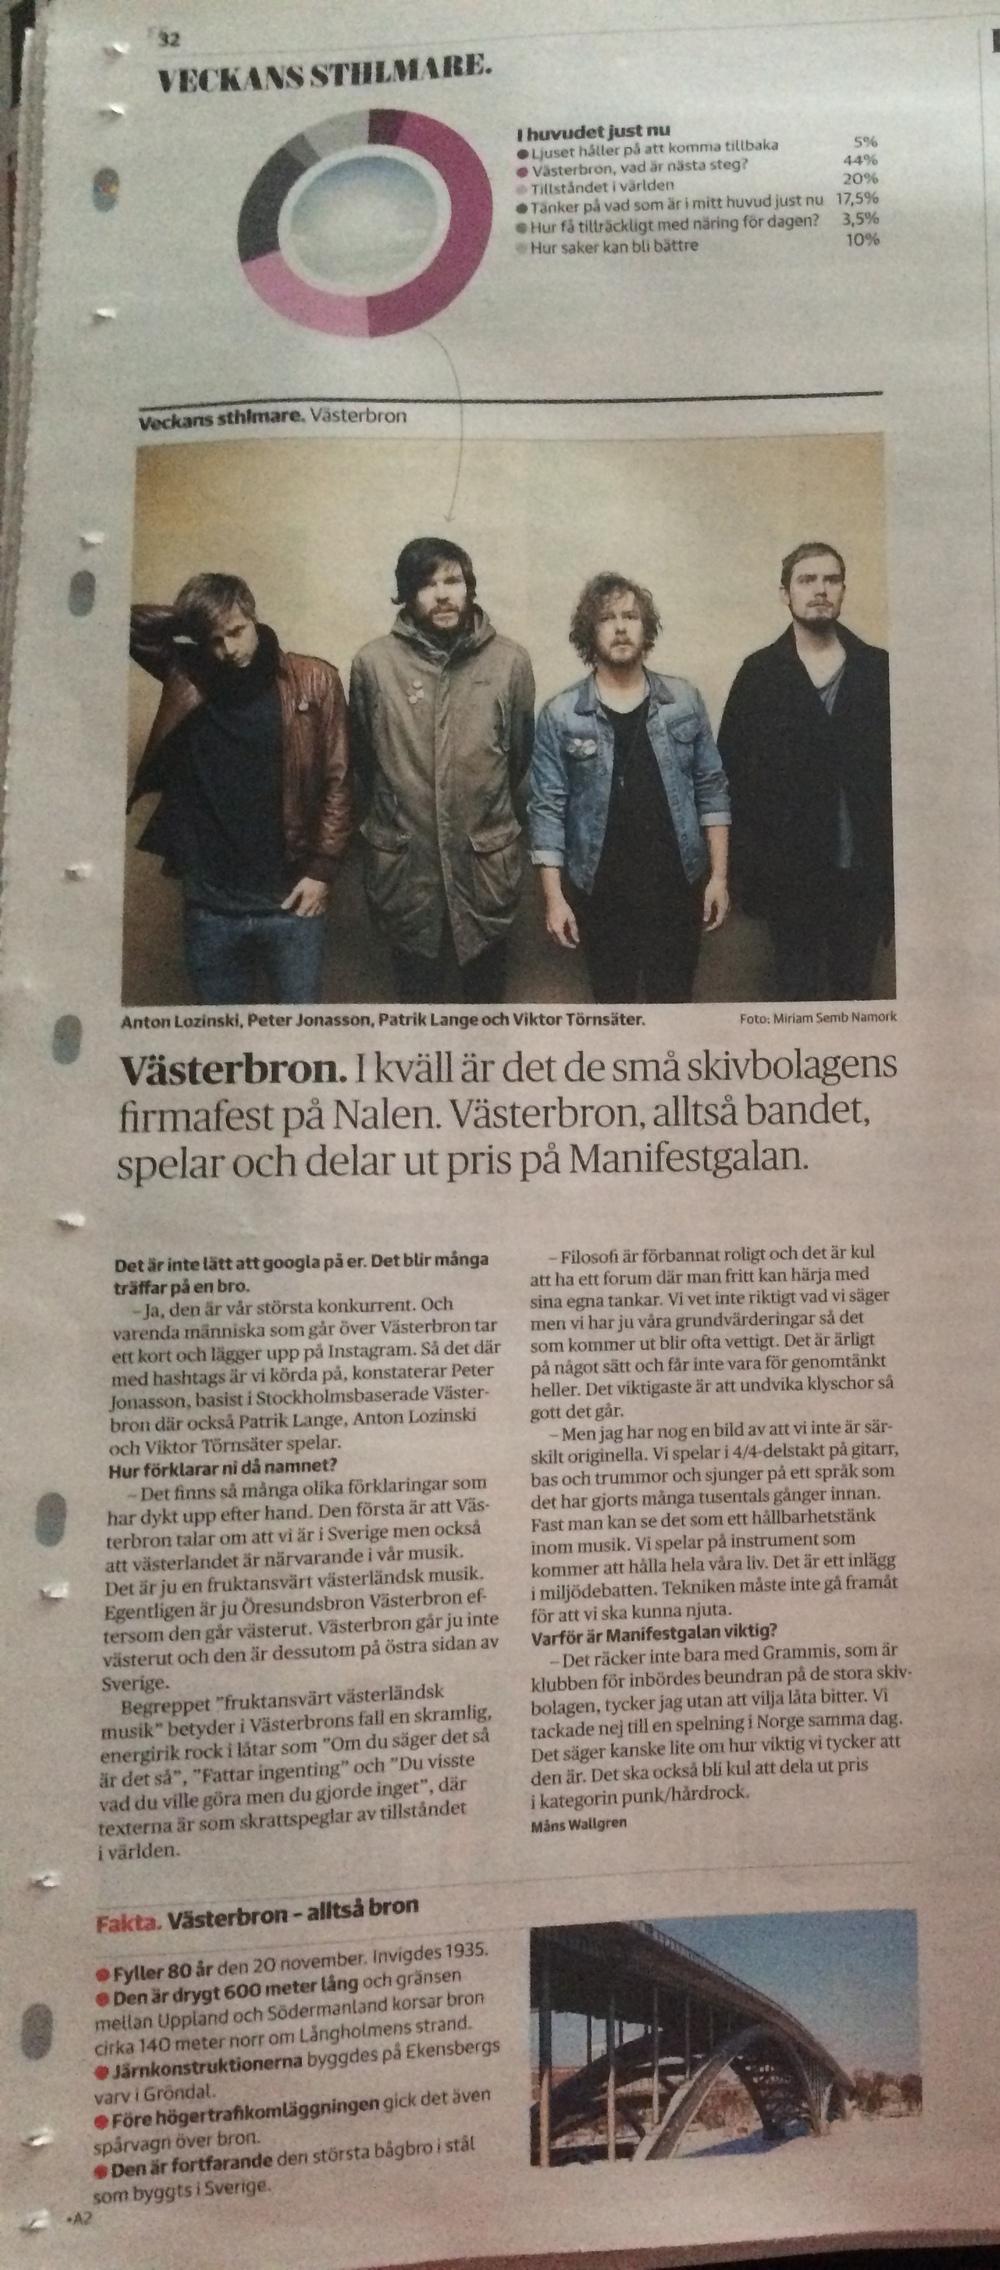 DN Sthm intervju - Västerbron.jpg